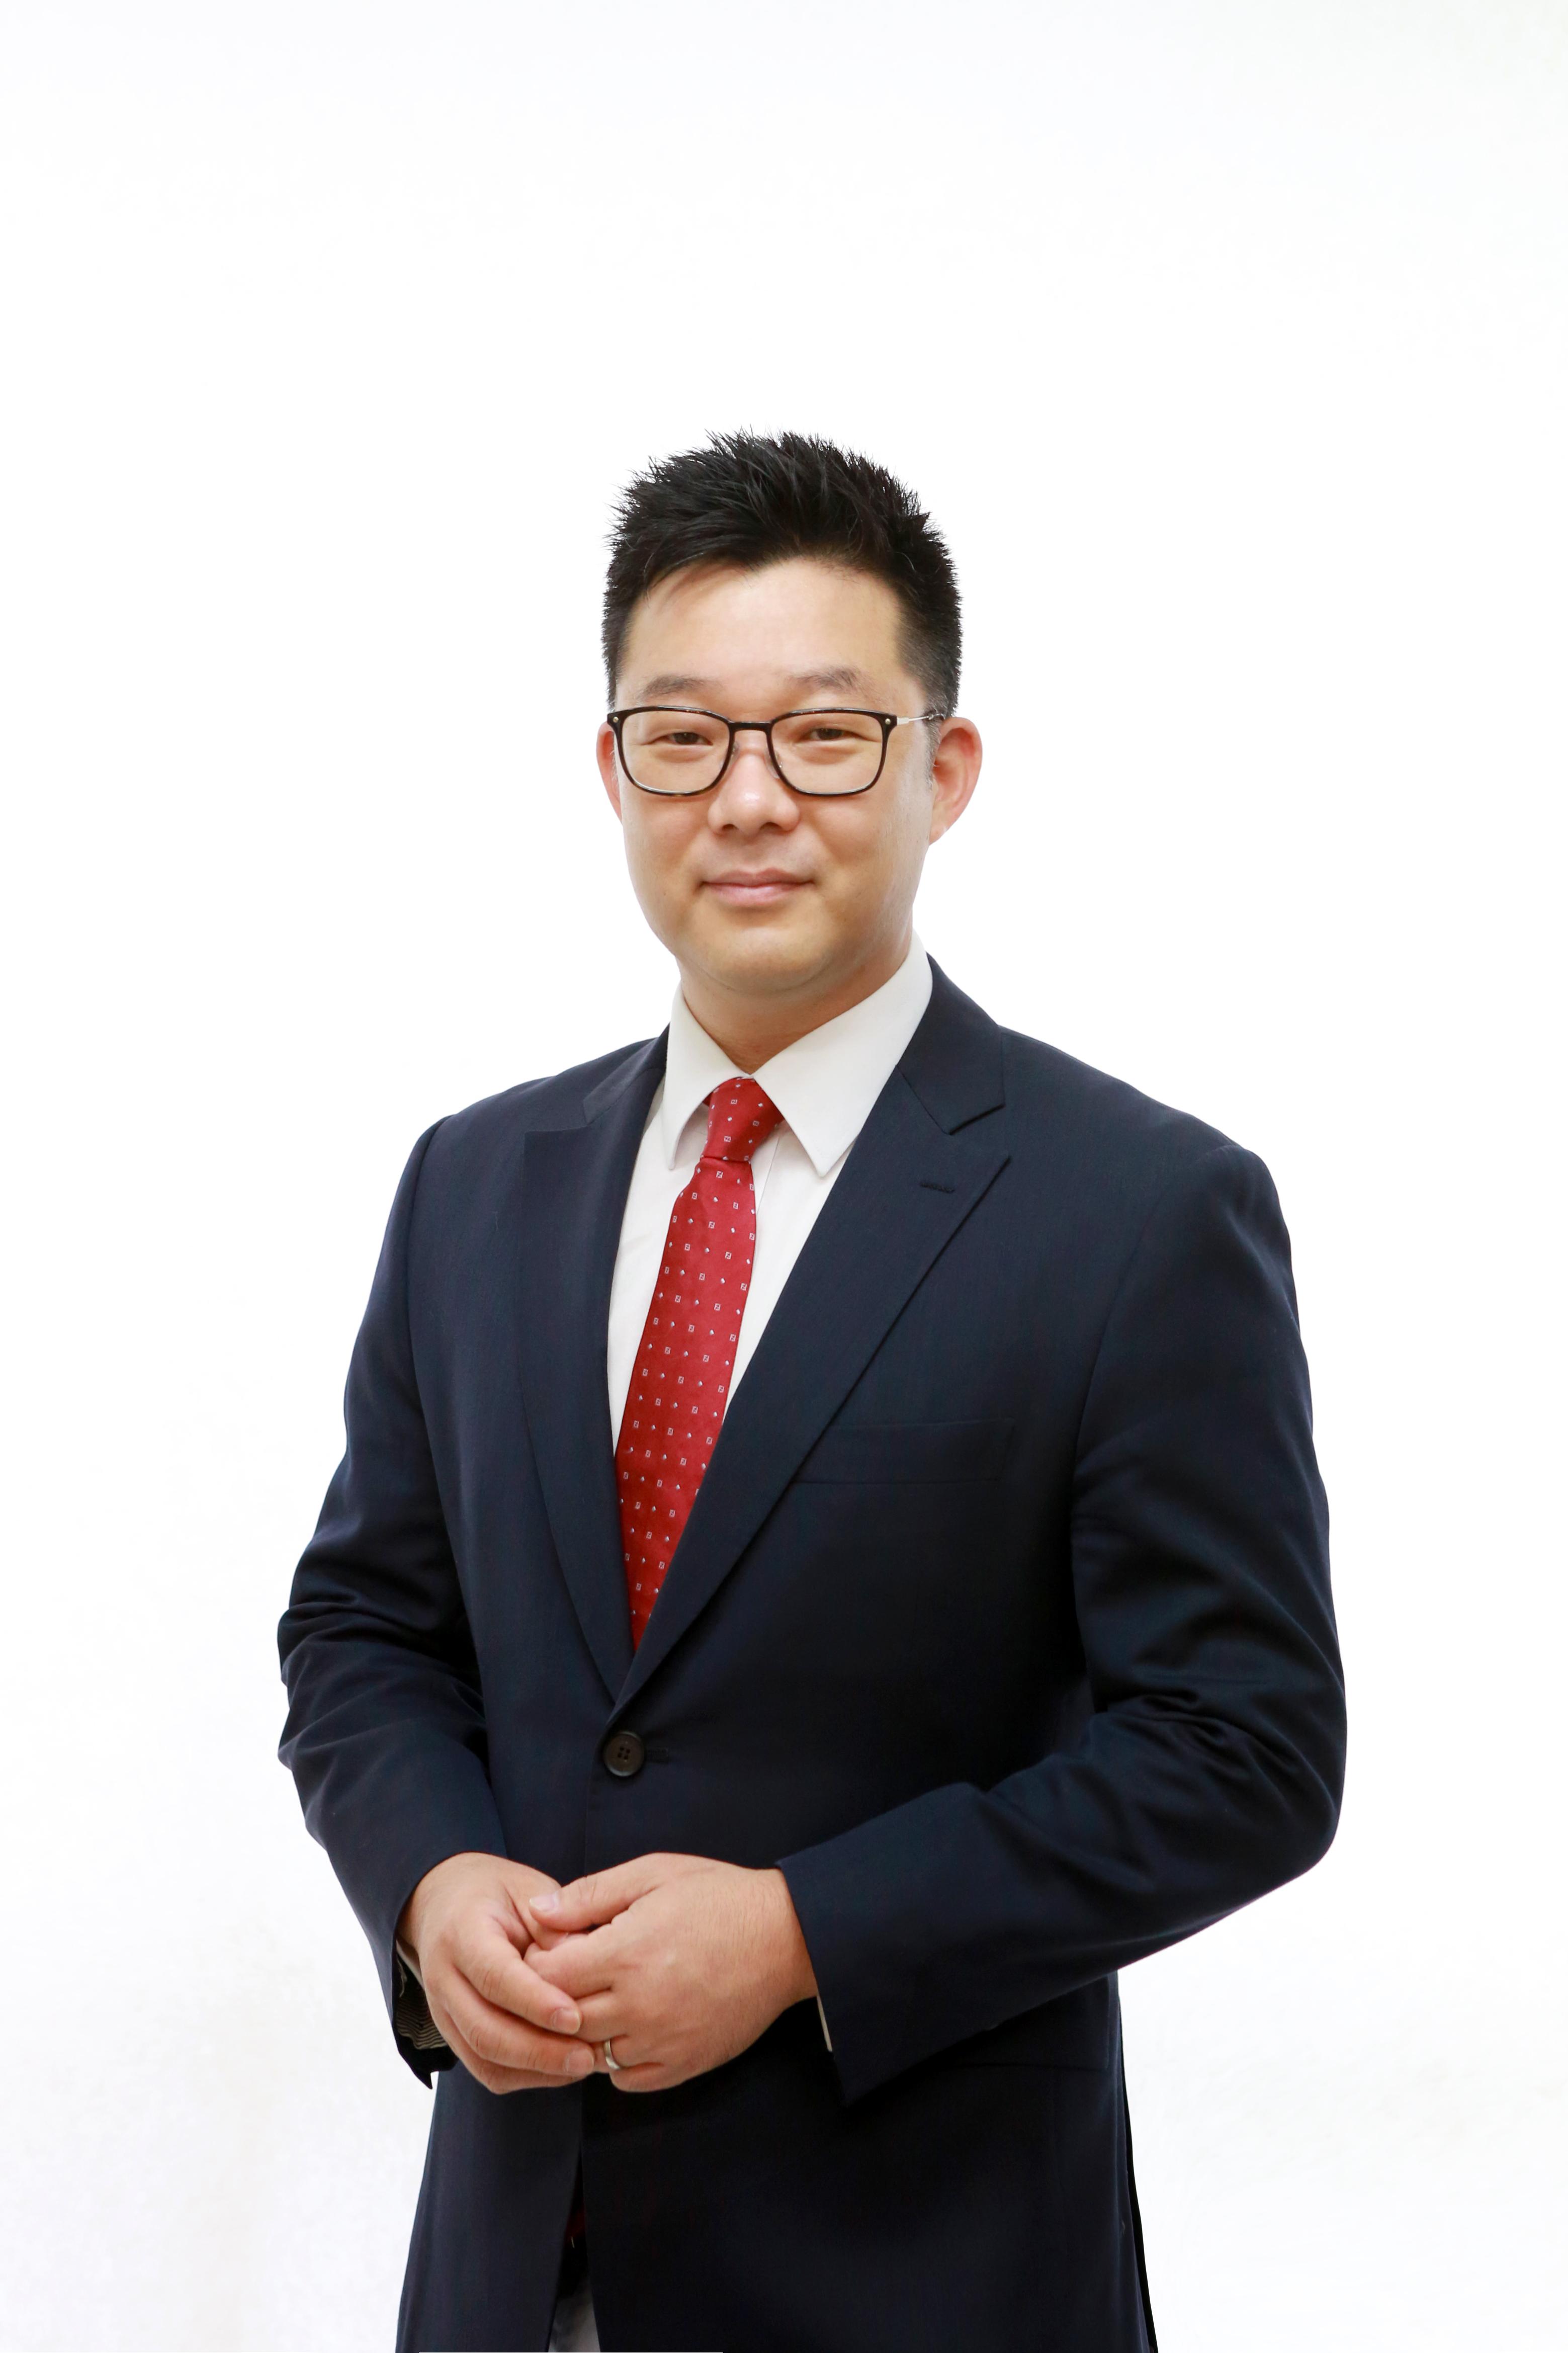 Dr Kyusik (Mav) Kim